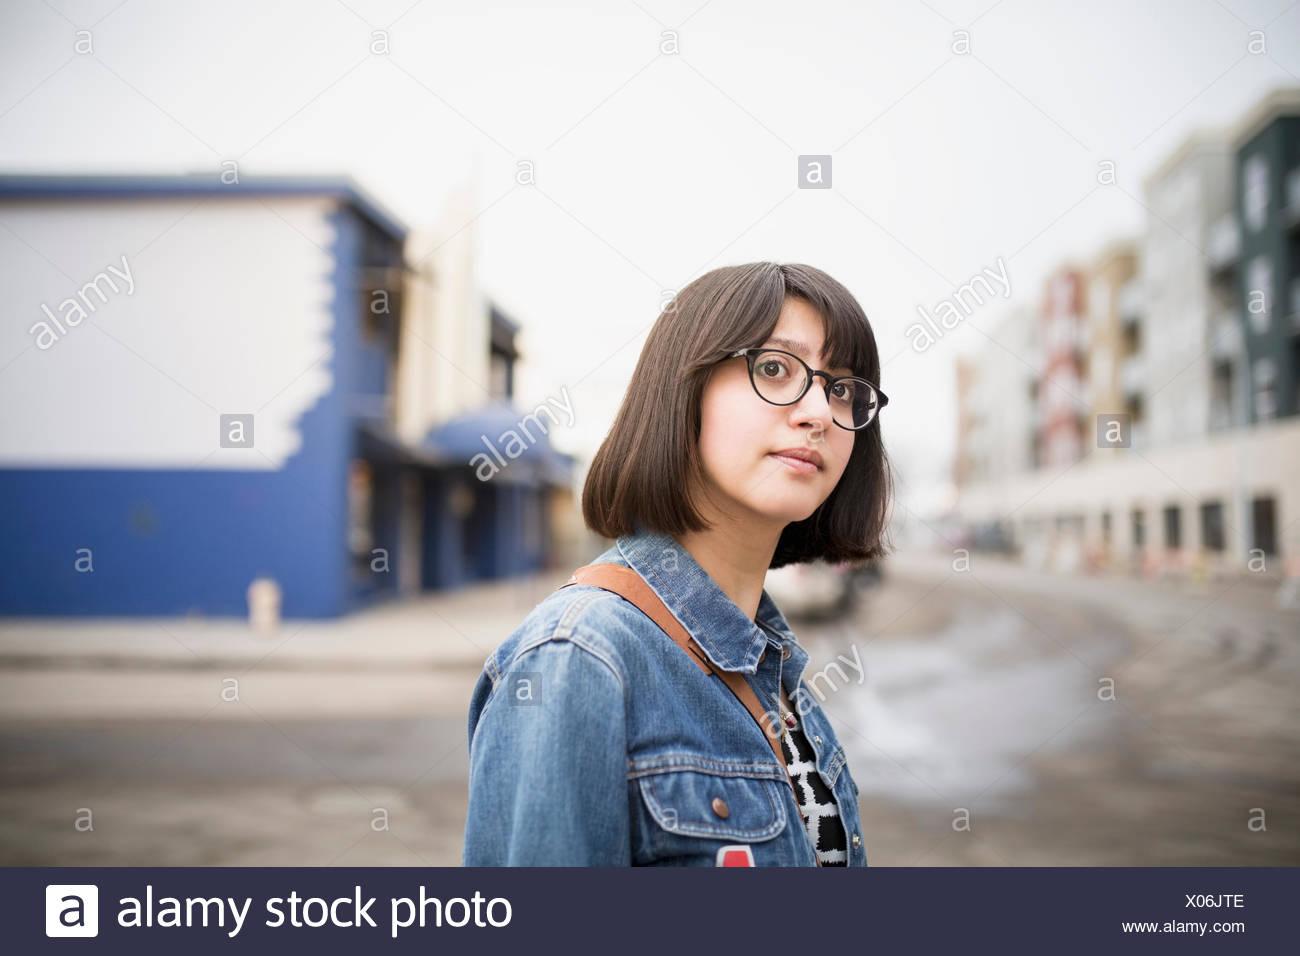 Porträt der selbstbewusste Frau in Jeansjacke Stockbild